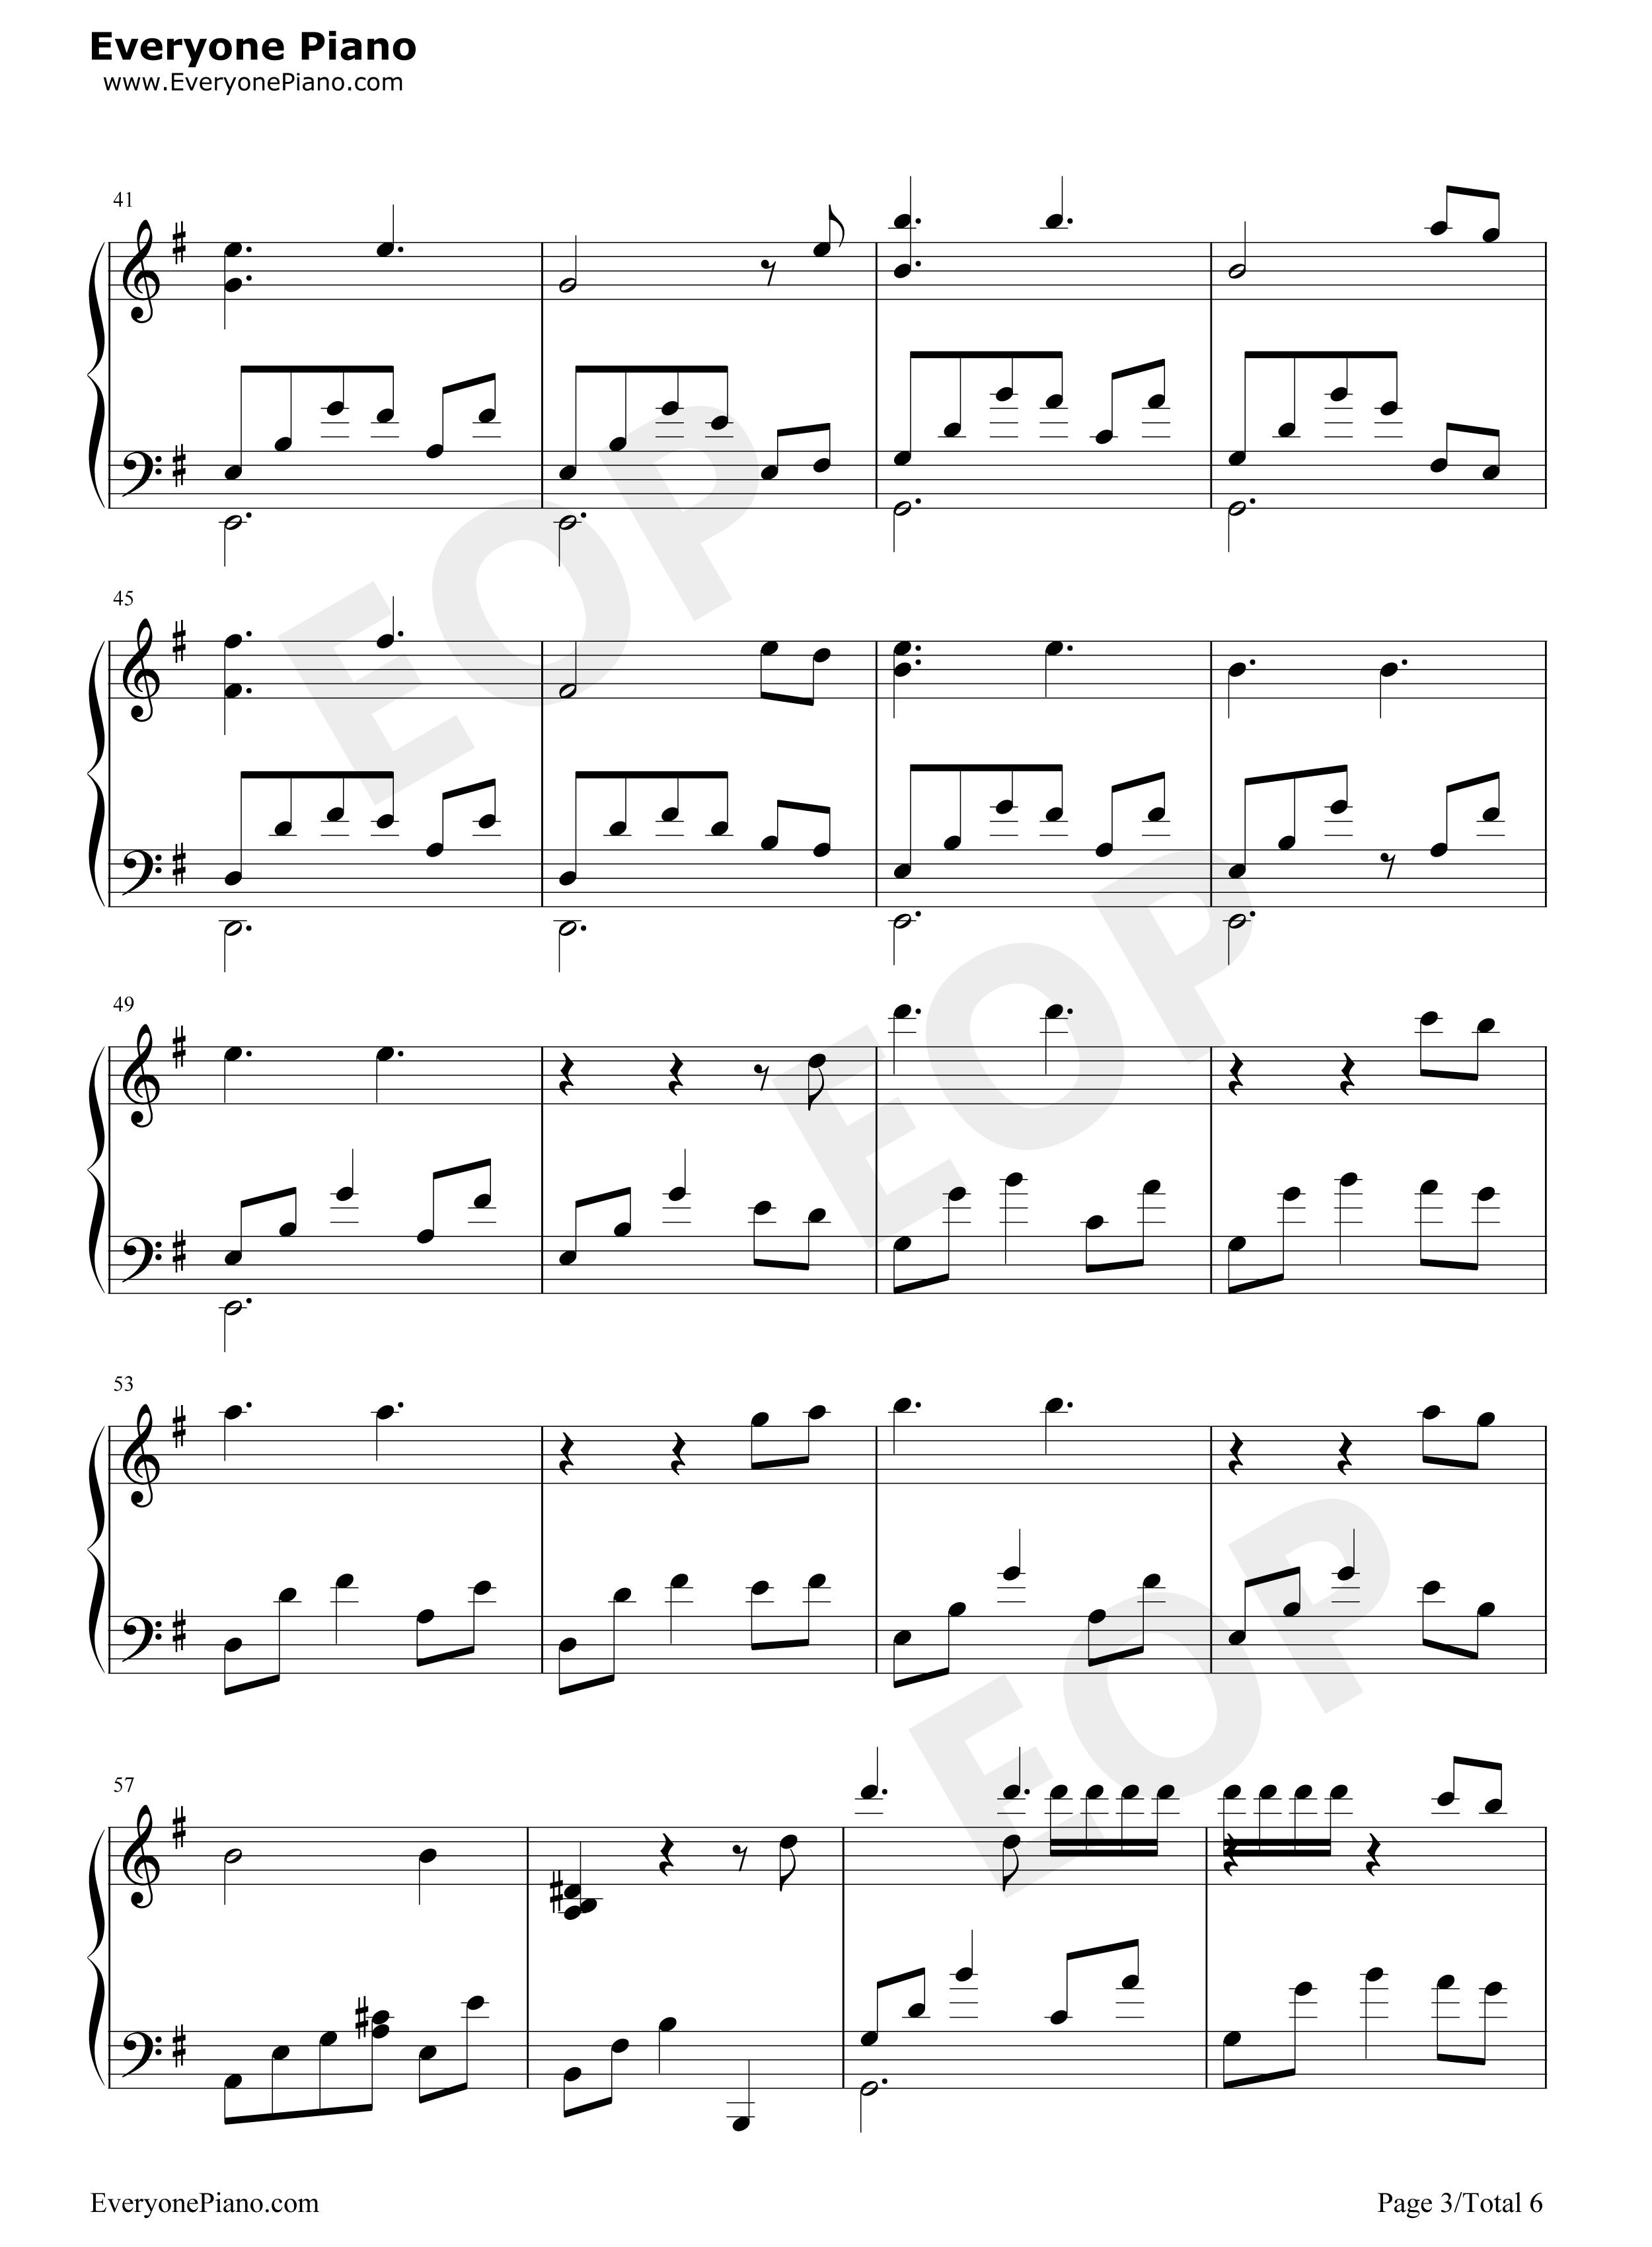 钢琴曲谱 轻音乐 月光边境-林海 月光边境-林海五线谱预览3   仅供